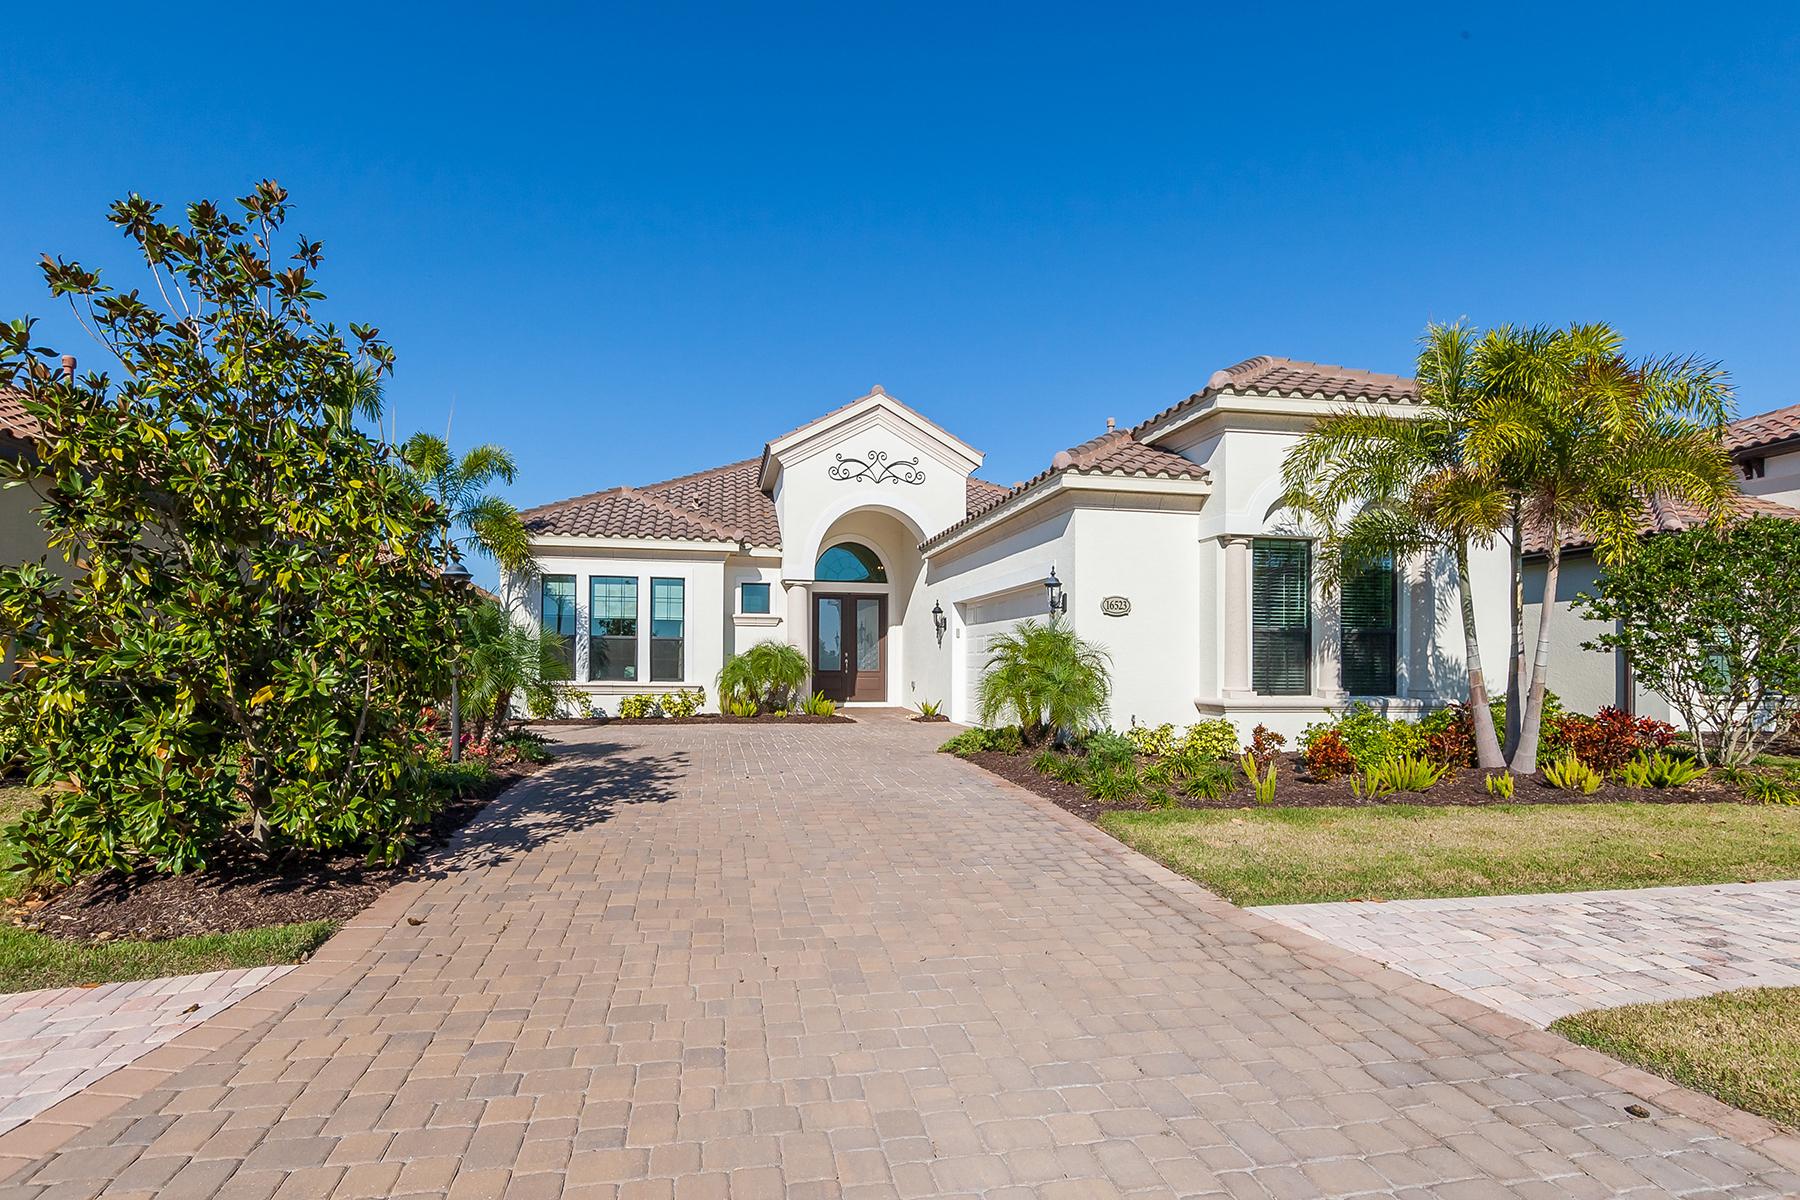 Villa per Vendita alle ore COUNTRY CLUB EAST 16523 Berwick Terr, Bradenton, Florida, 34202 Stati Uniti